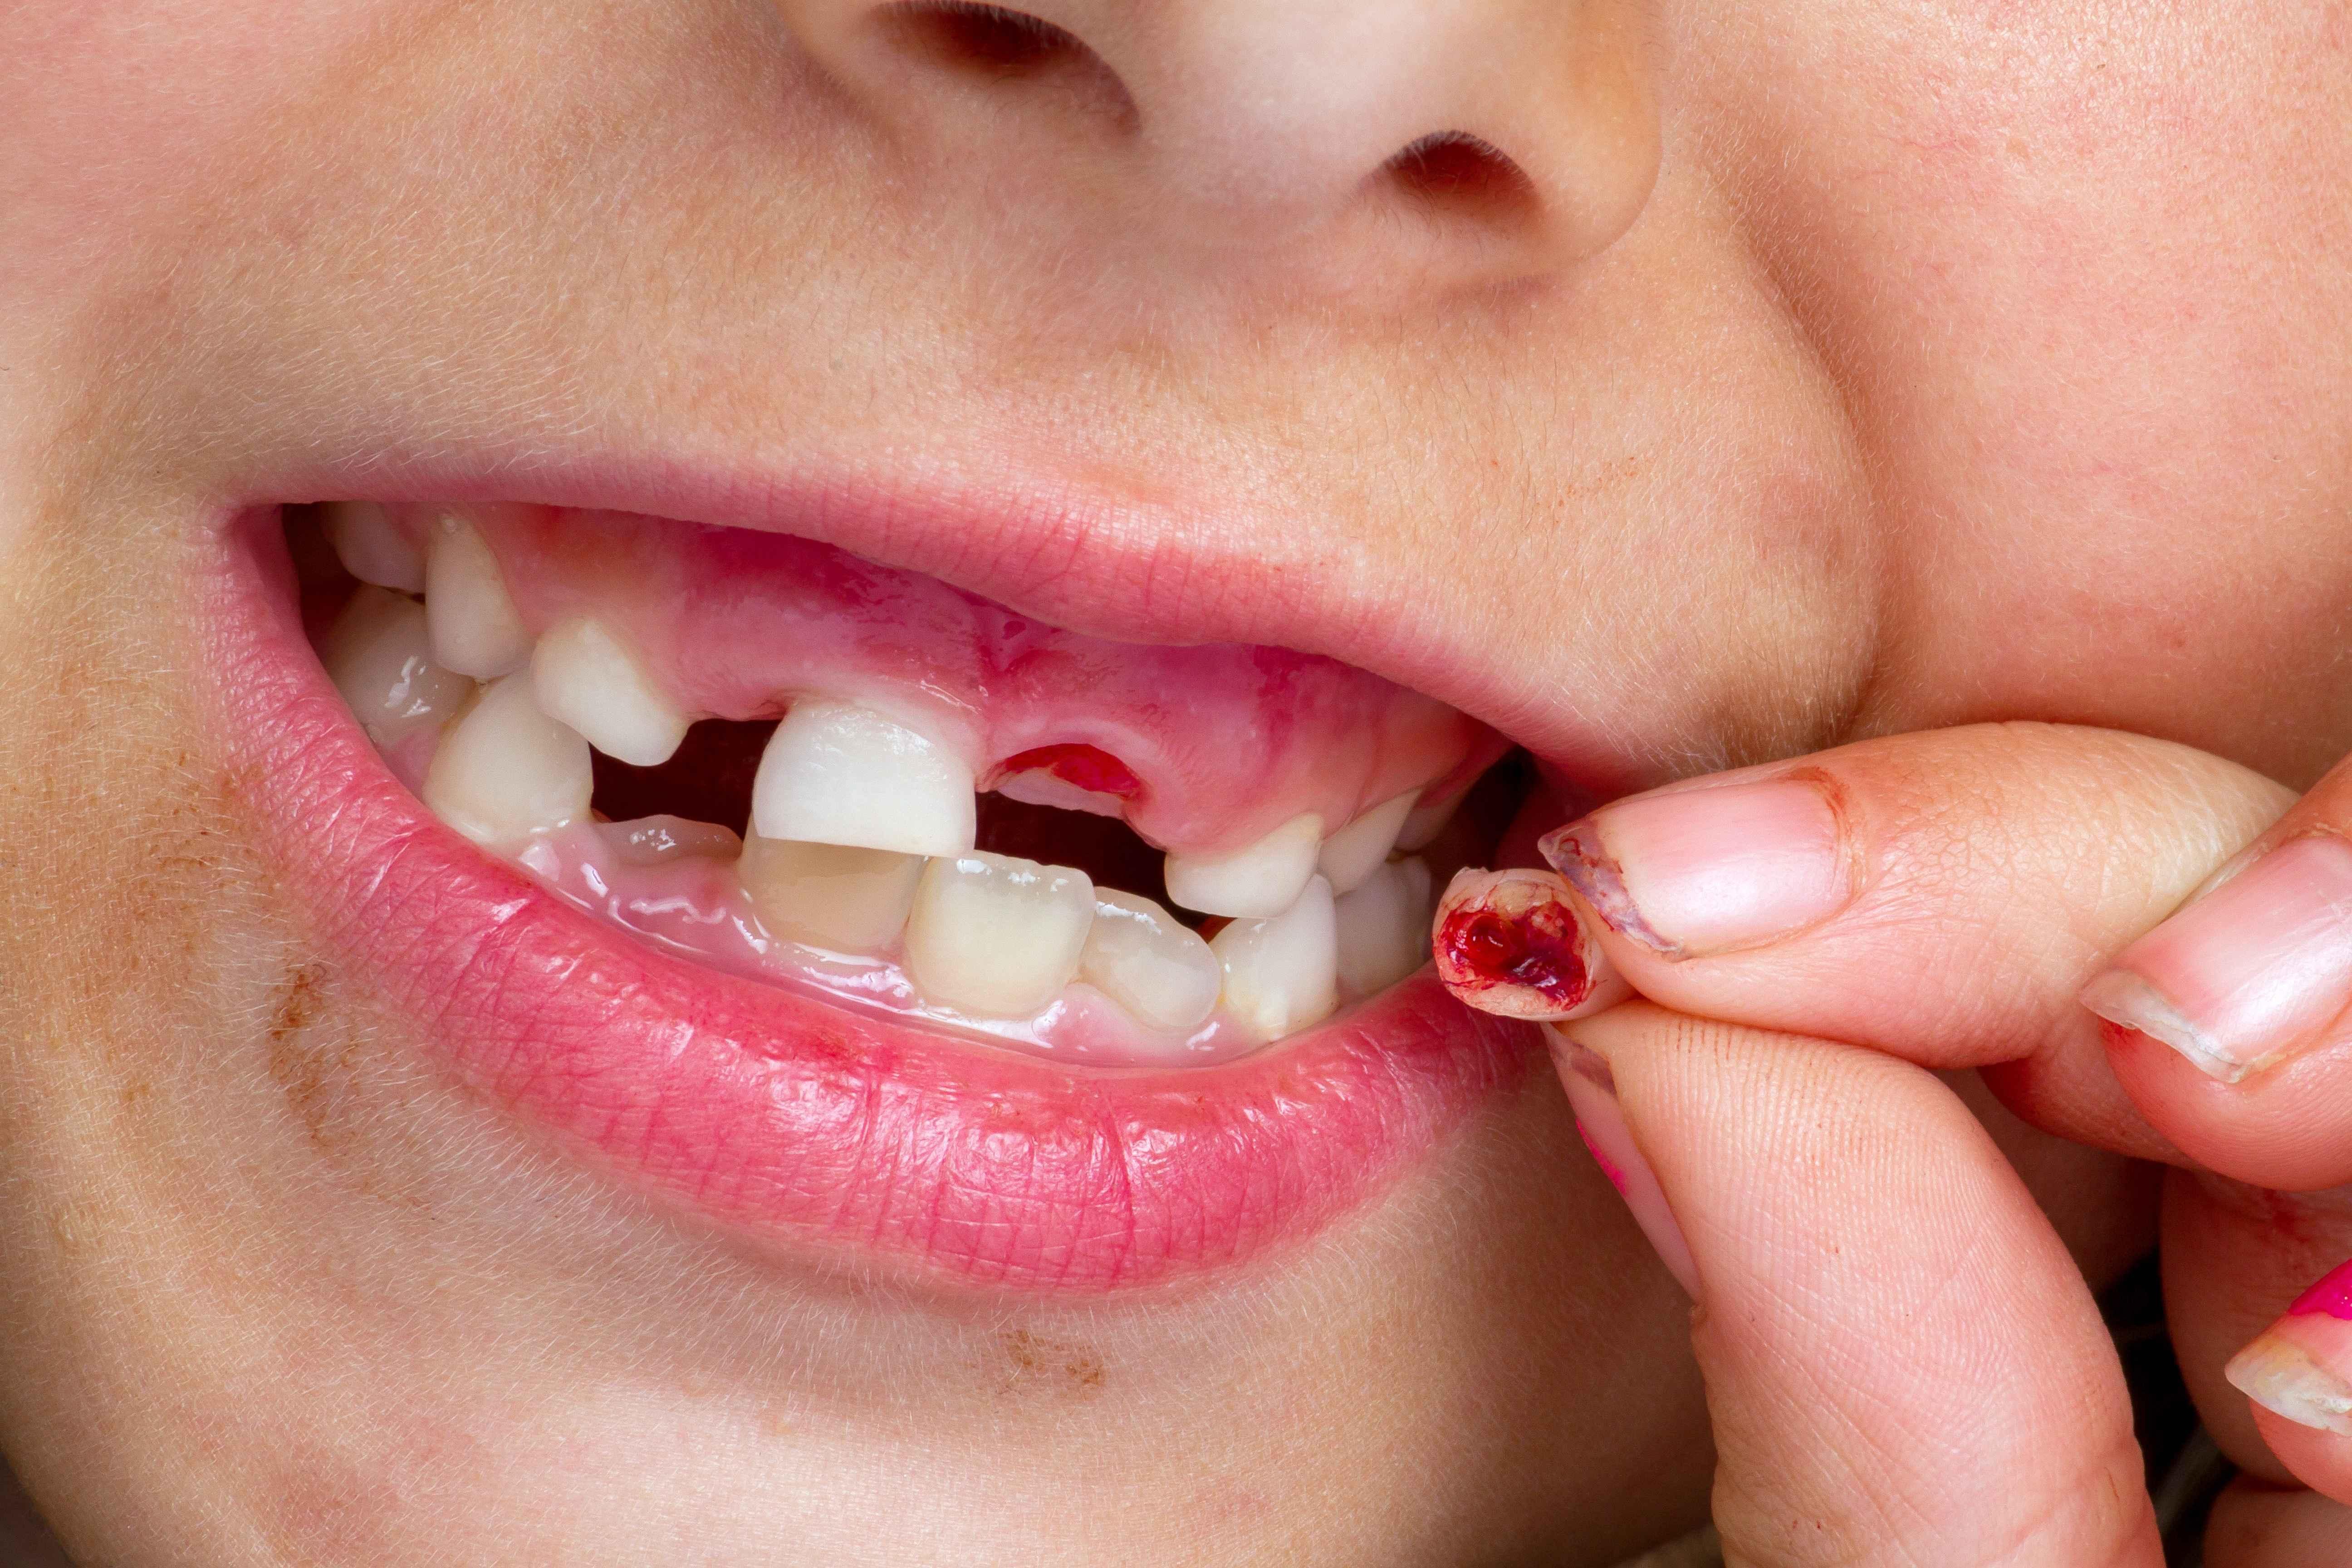 宝宝长牙发烧要注意了,长牙顺序及时间你得搞清楚